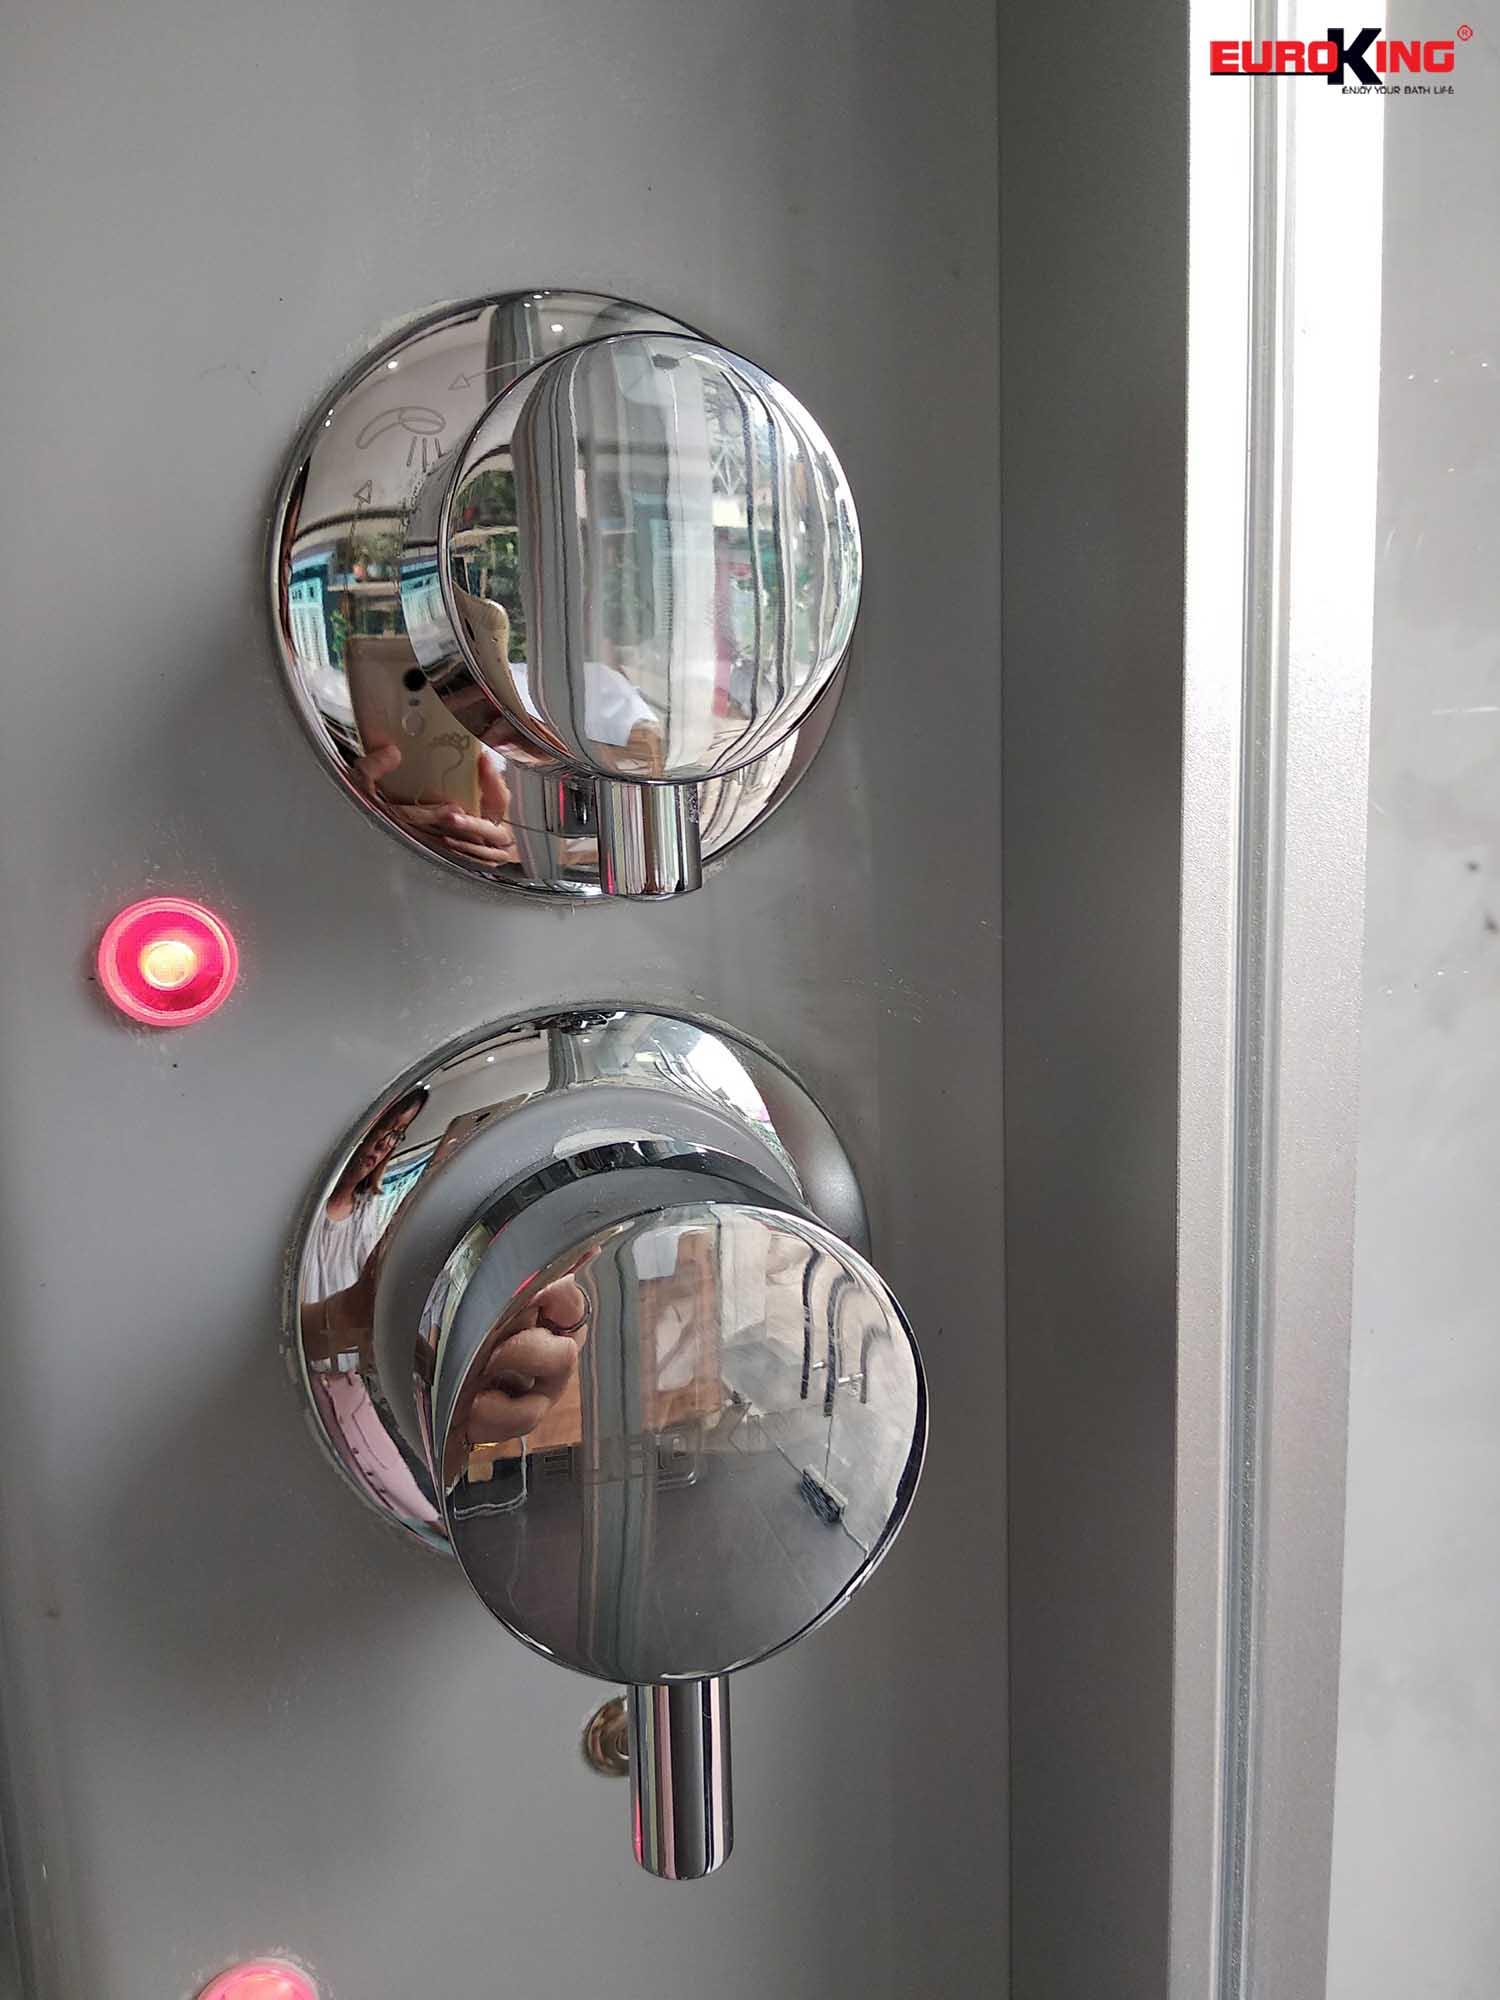 Nút điều chỉnh hệ thống sen tay và chế độ nóng lạnh